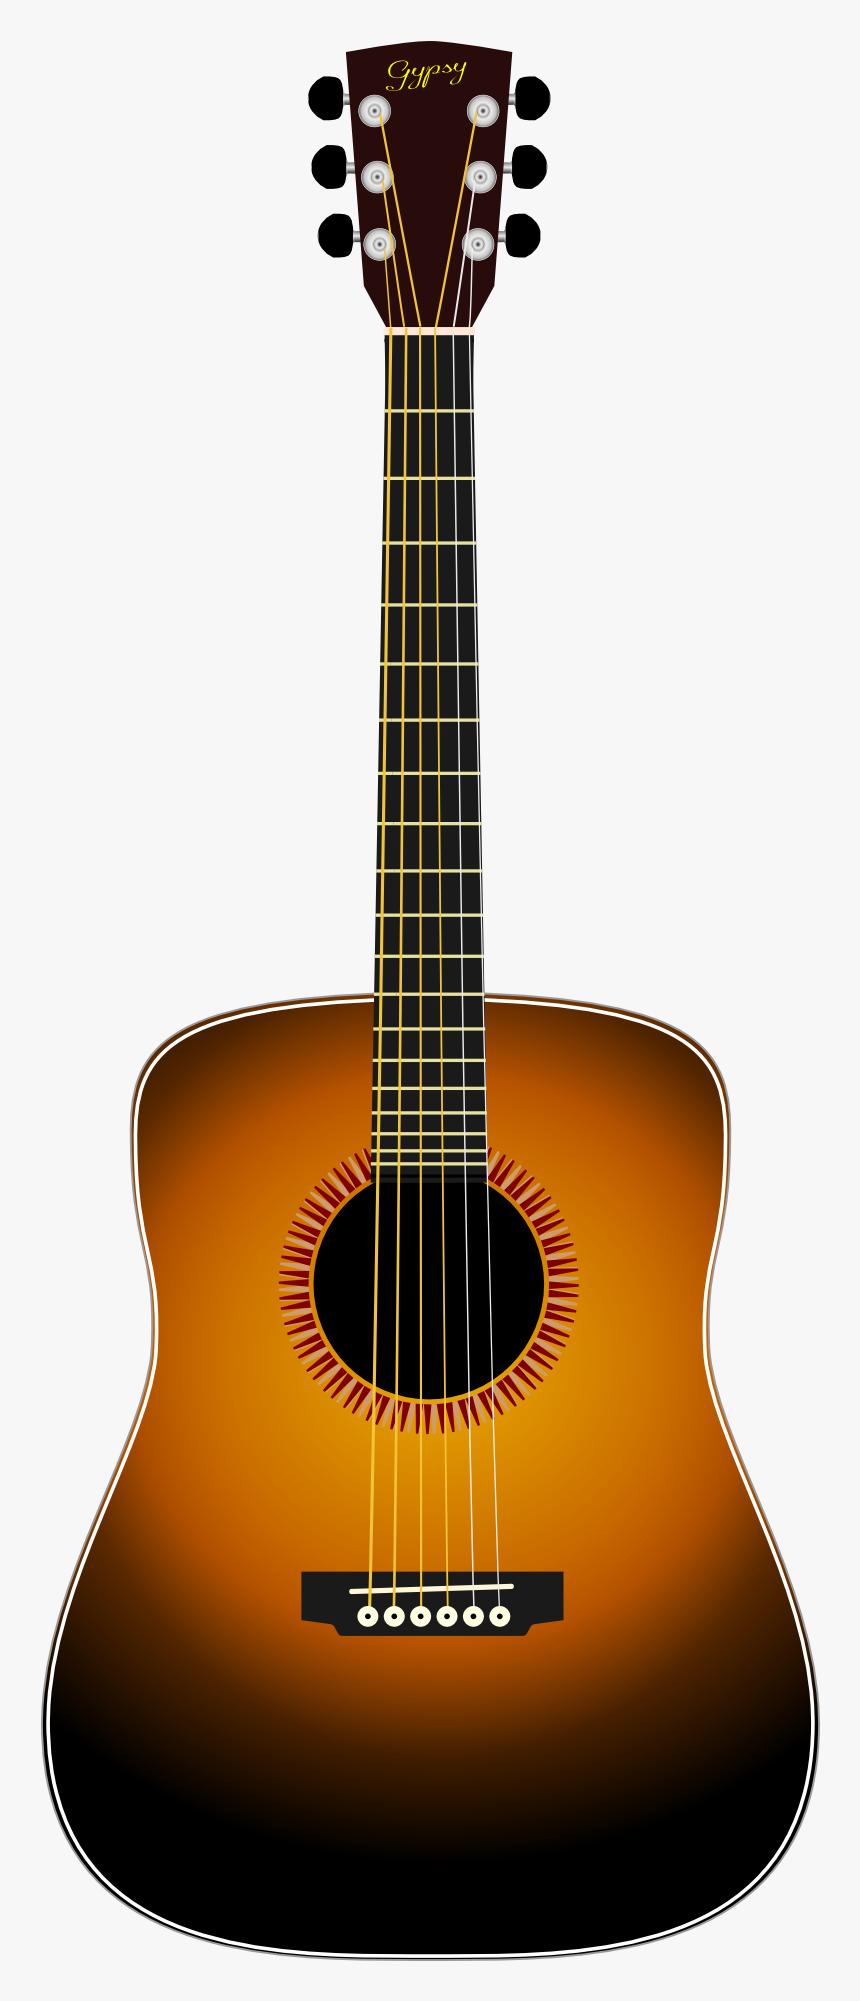 Transparent Guitar Drawing Png Acoustic Guitar Brown Guitar Png Png Download Transparent Png Image Pngitem